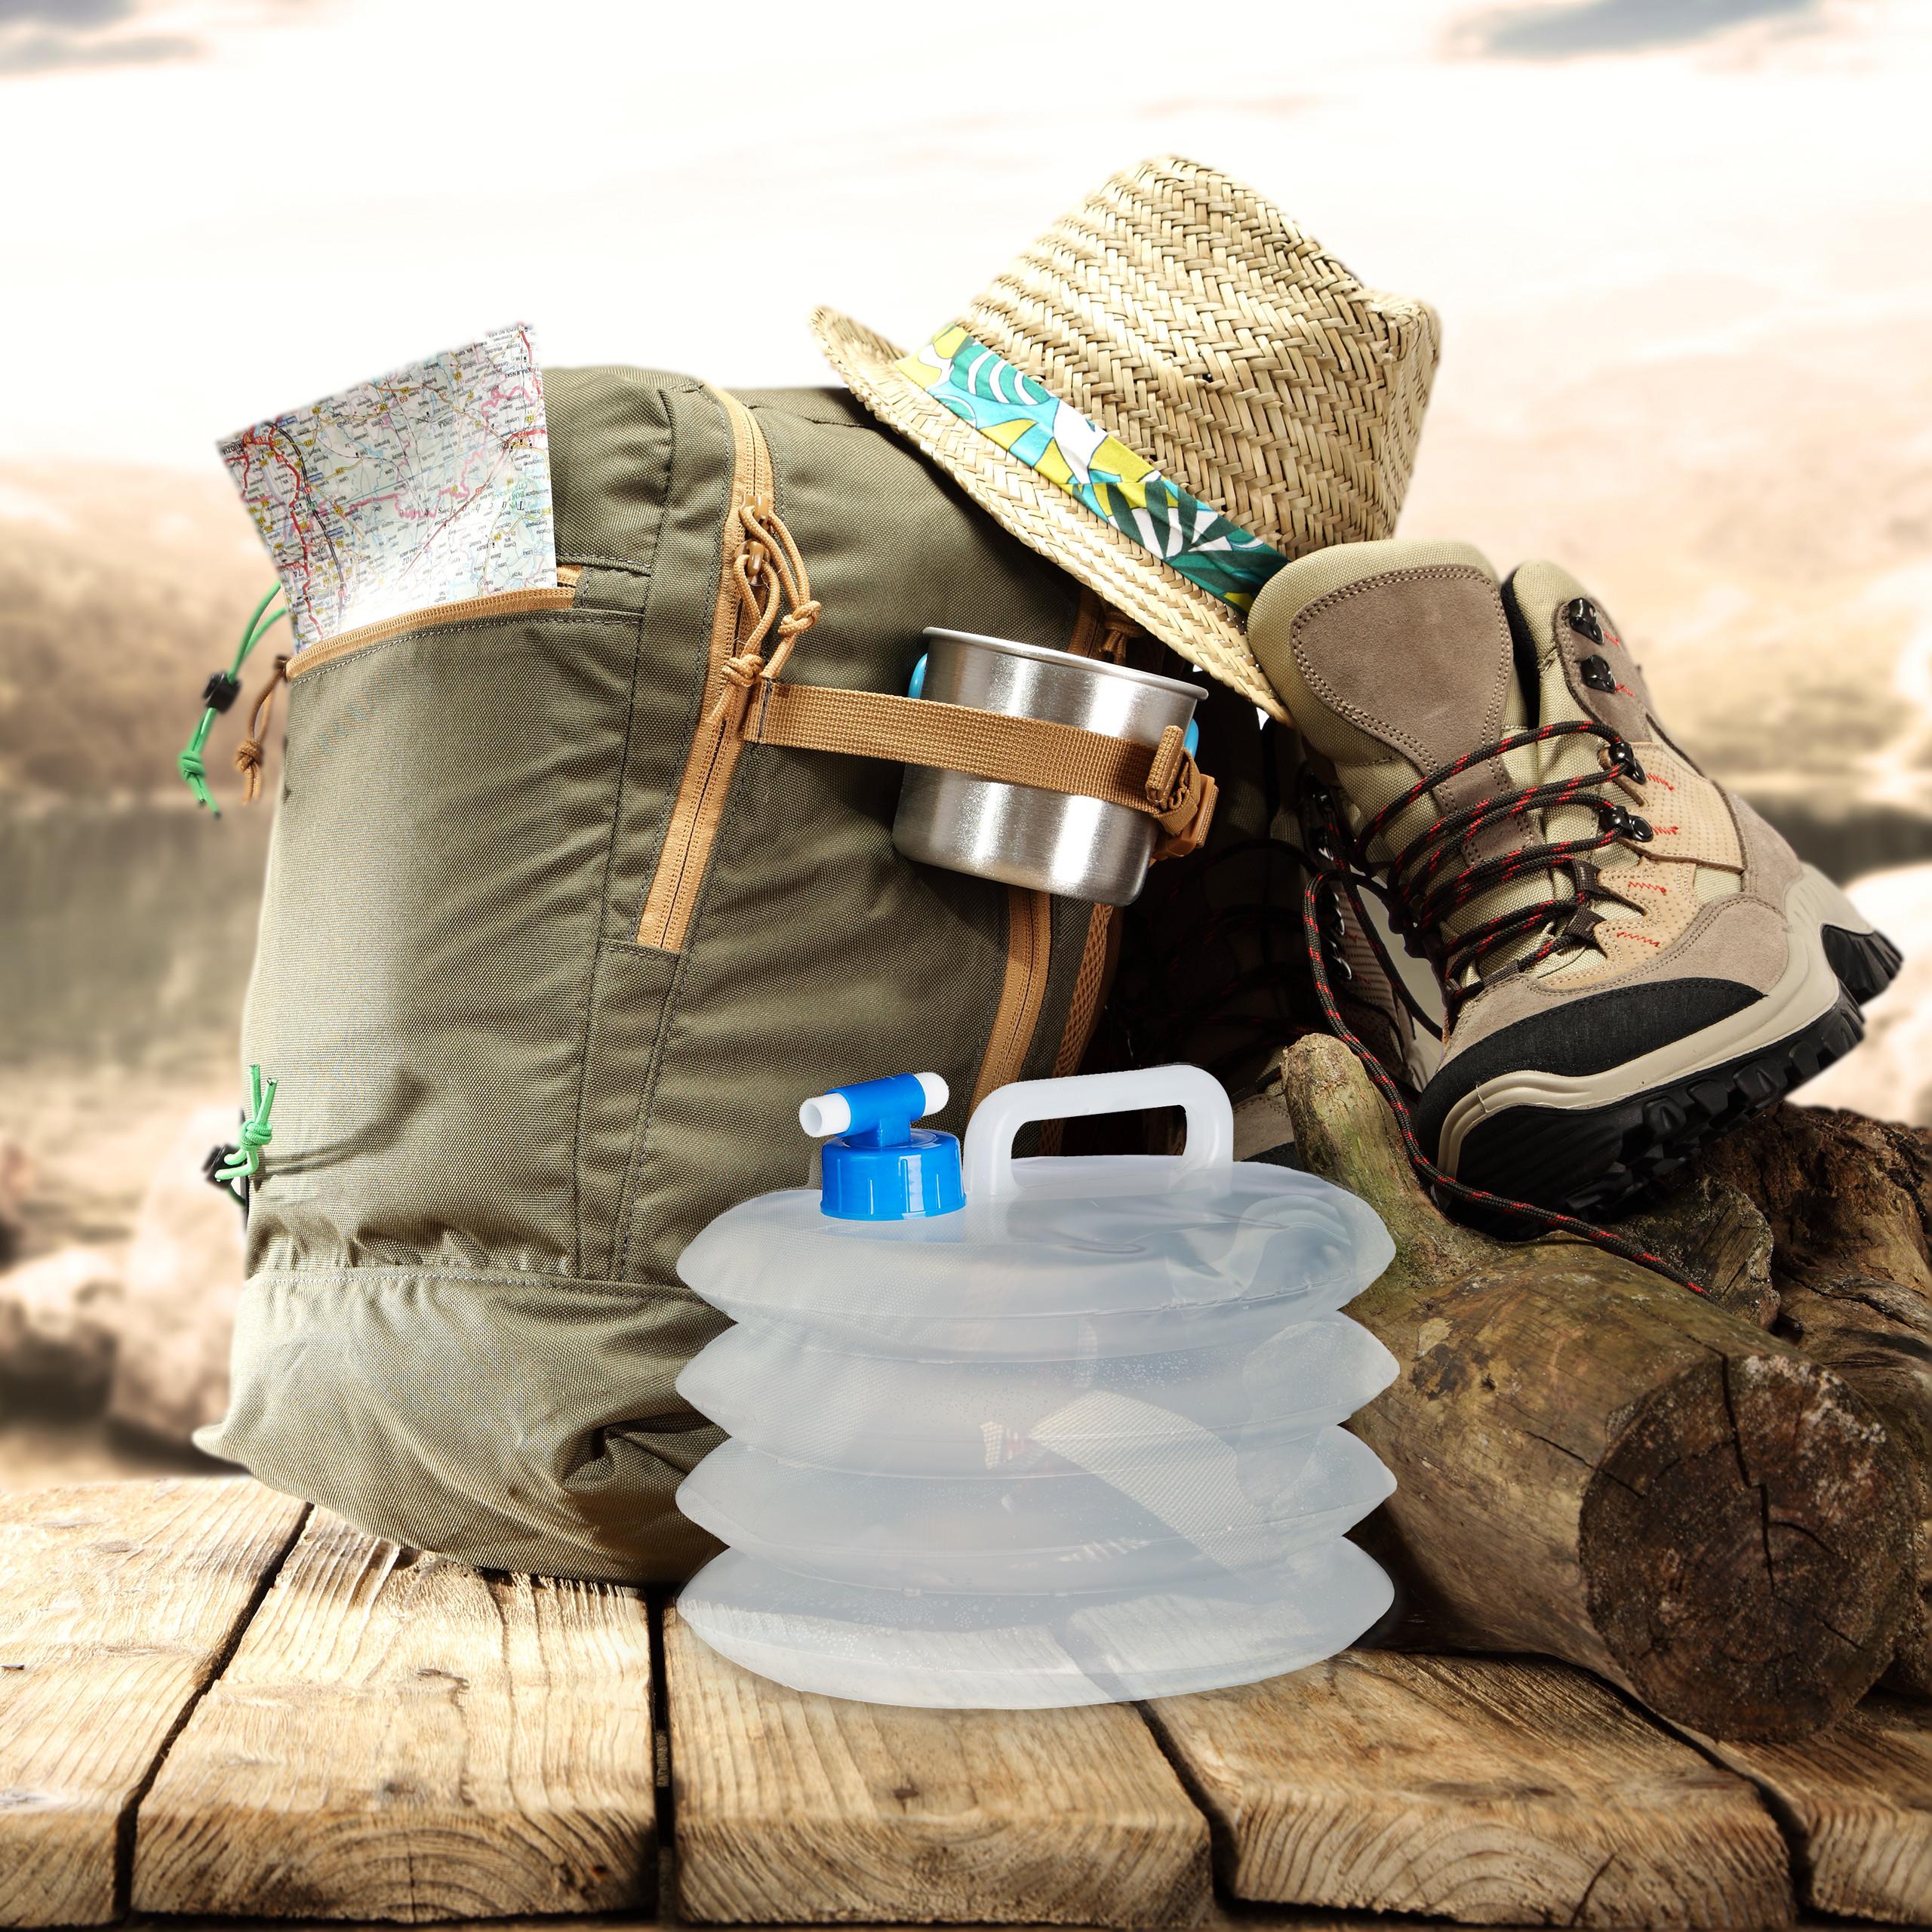 Indexbild 21 - Wasserkanister faltbar 4er Set Faltkanister Camping Trinkwasserkanister BPA frei